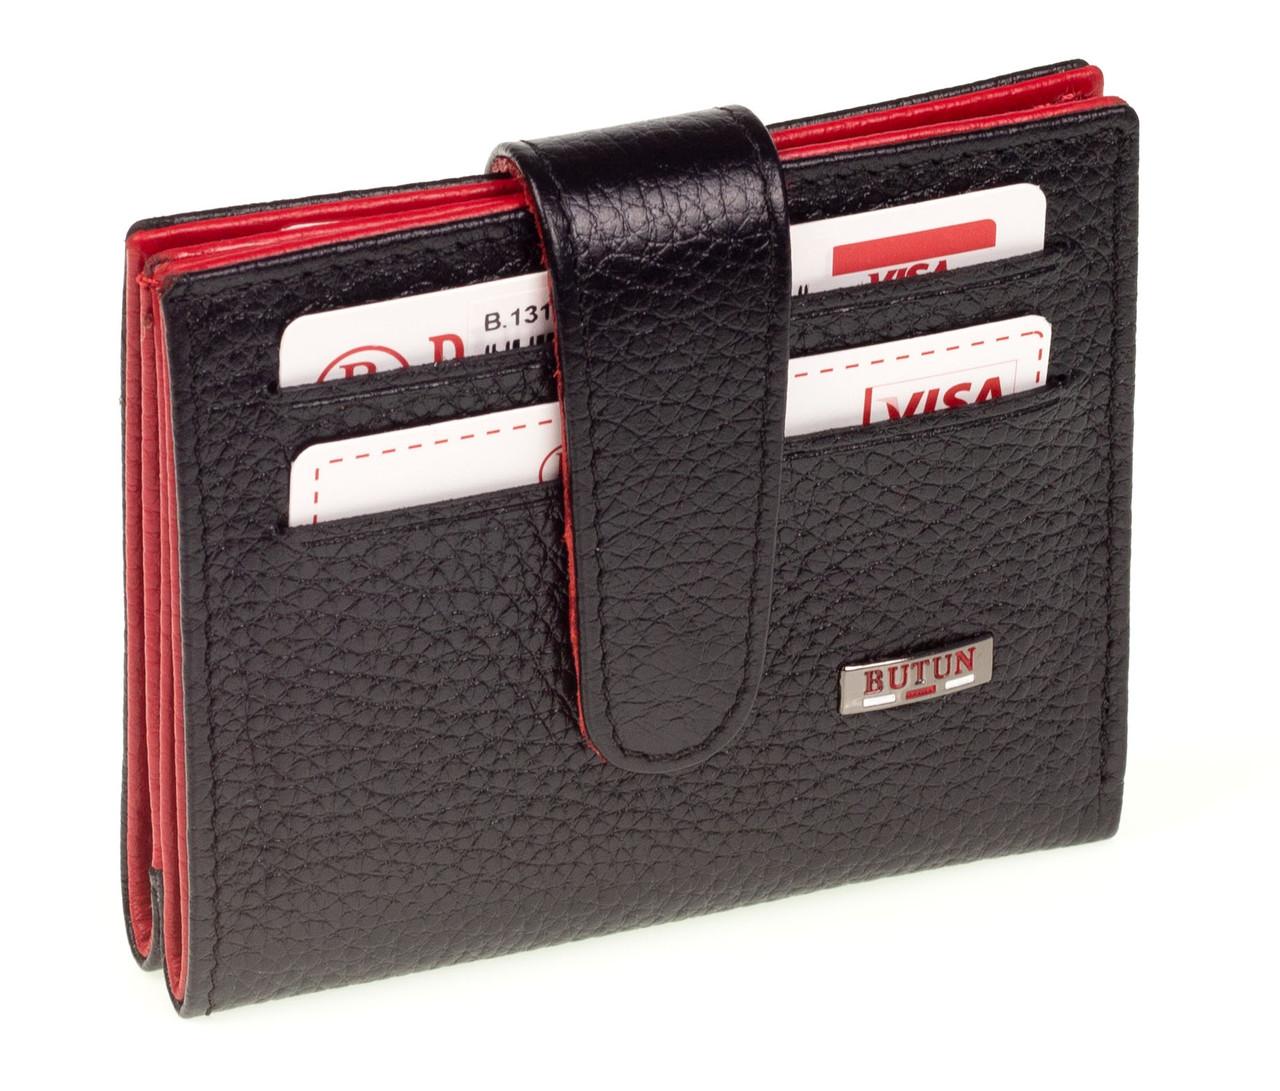 Кожаный картхолдер с отделением для купюр BUTUN 131-004-039 черный